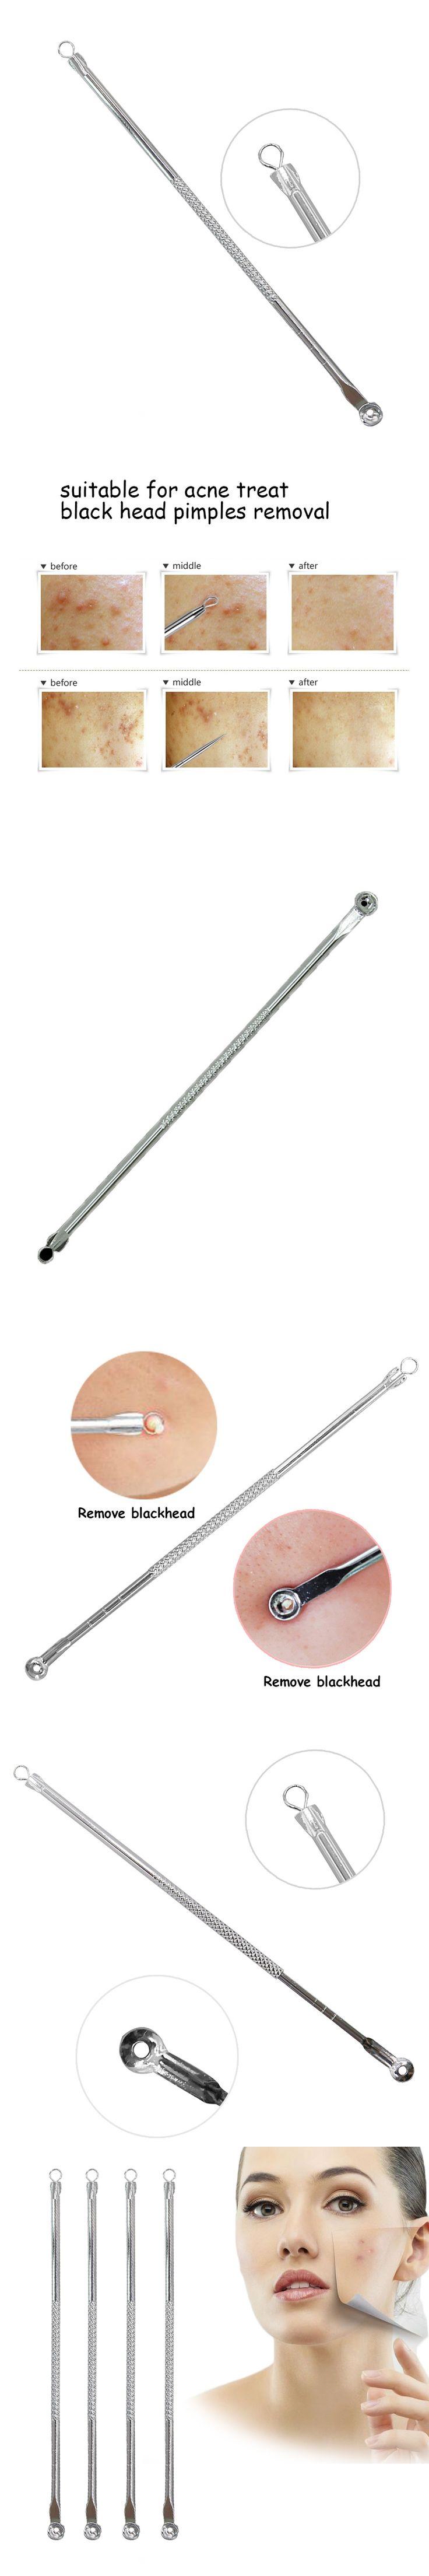 1pcs  Acne Removal Blemish Pimple Blackhead Extractor Tool Blackhead Remover Tool Comedone Remover Squeeze Pimples